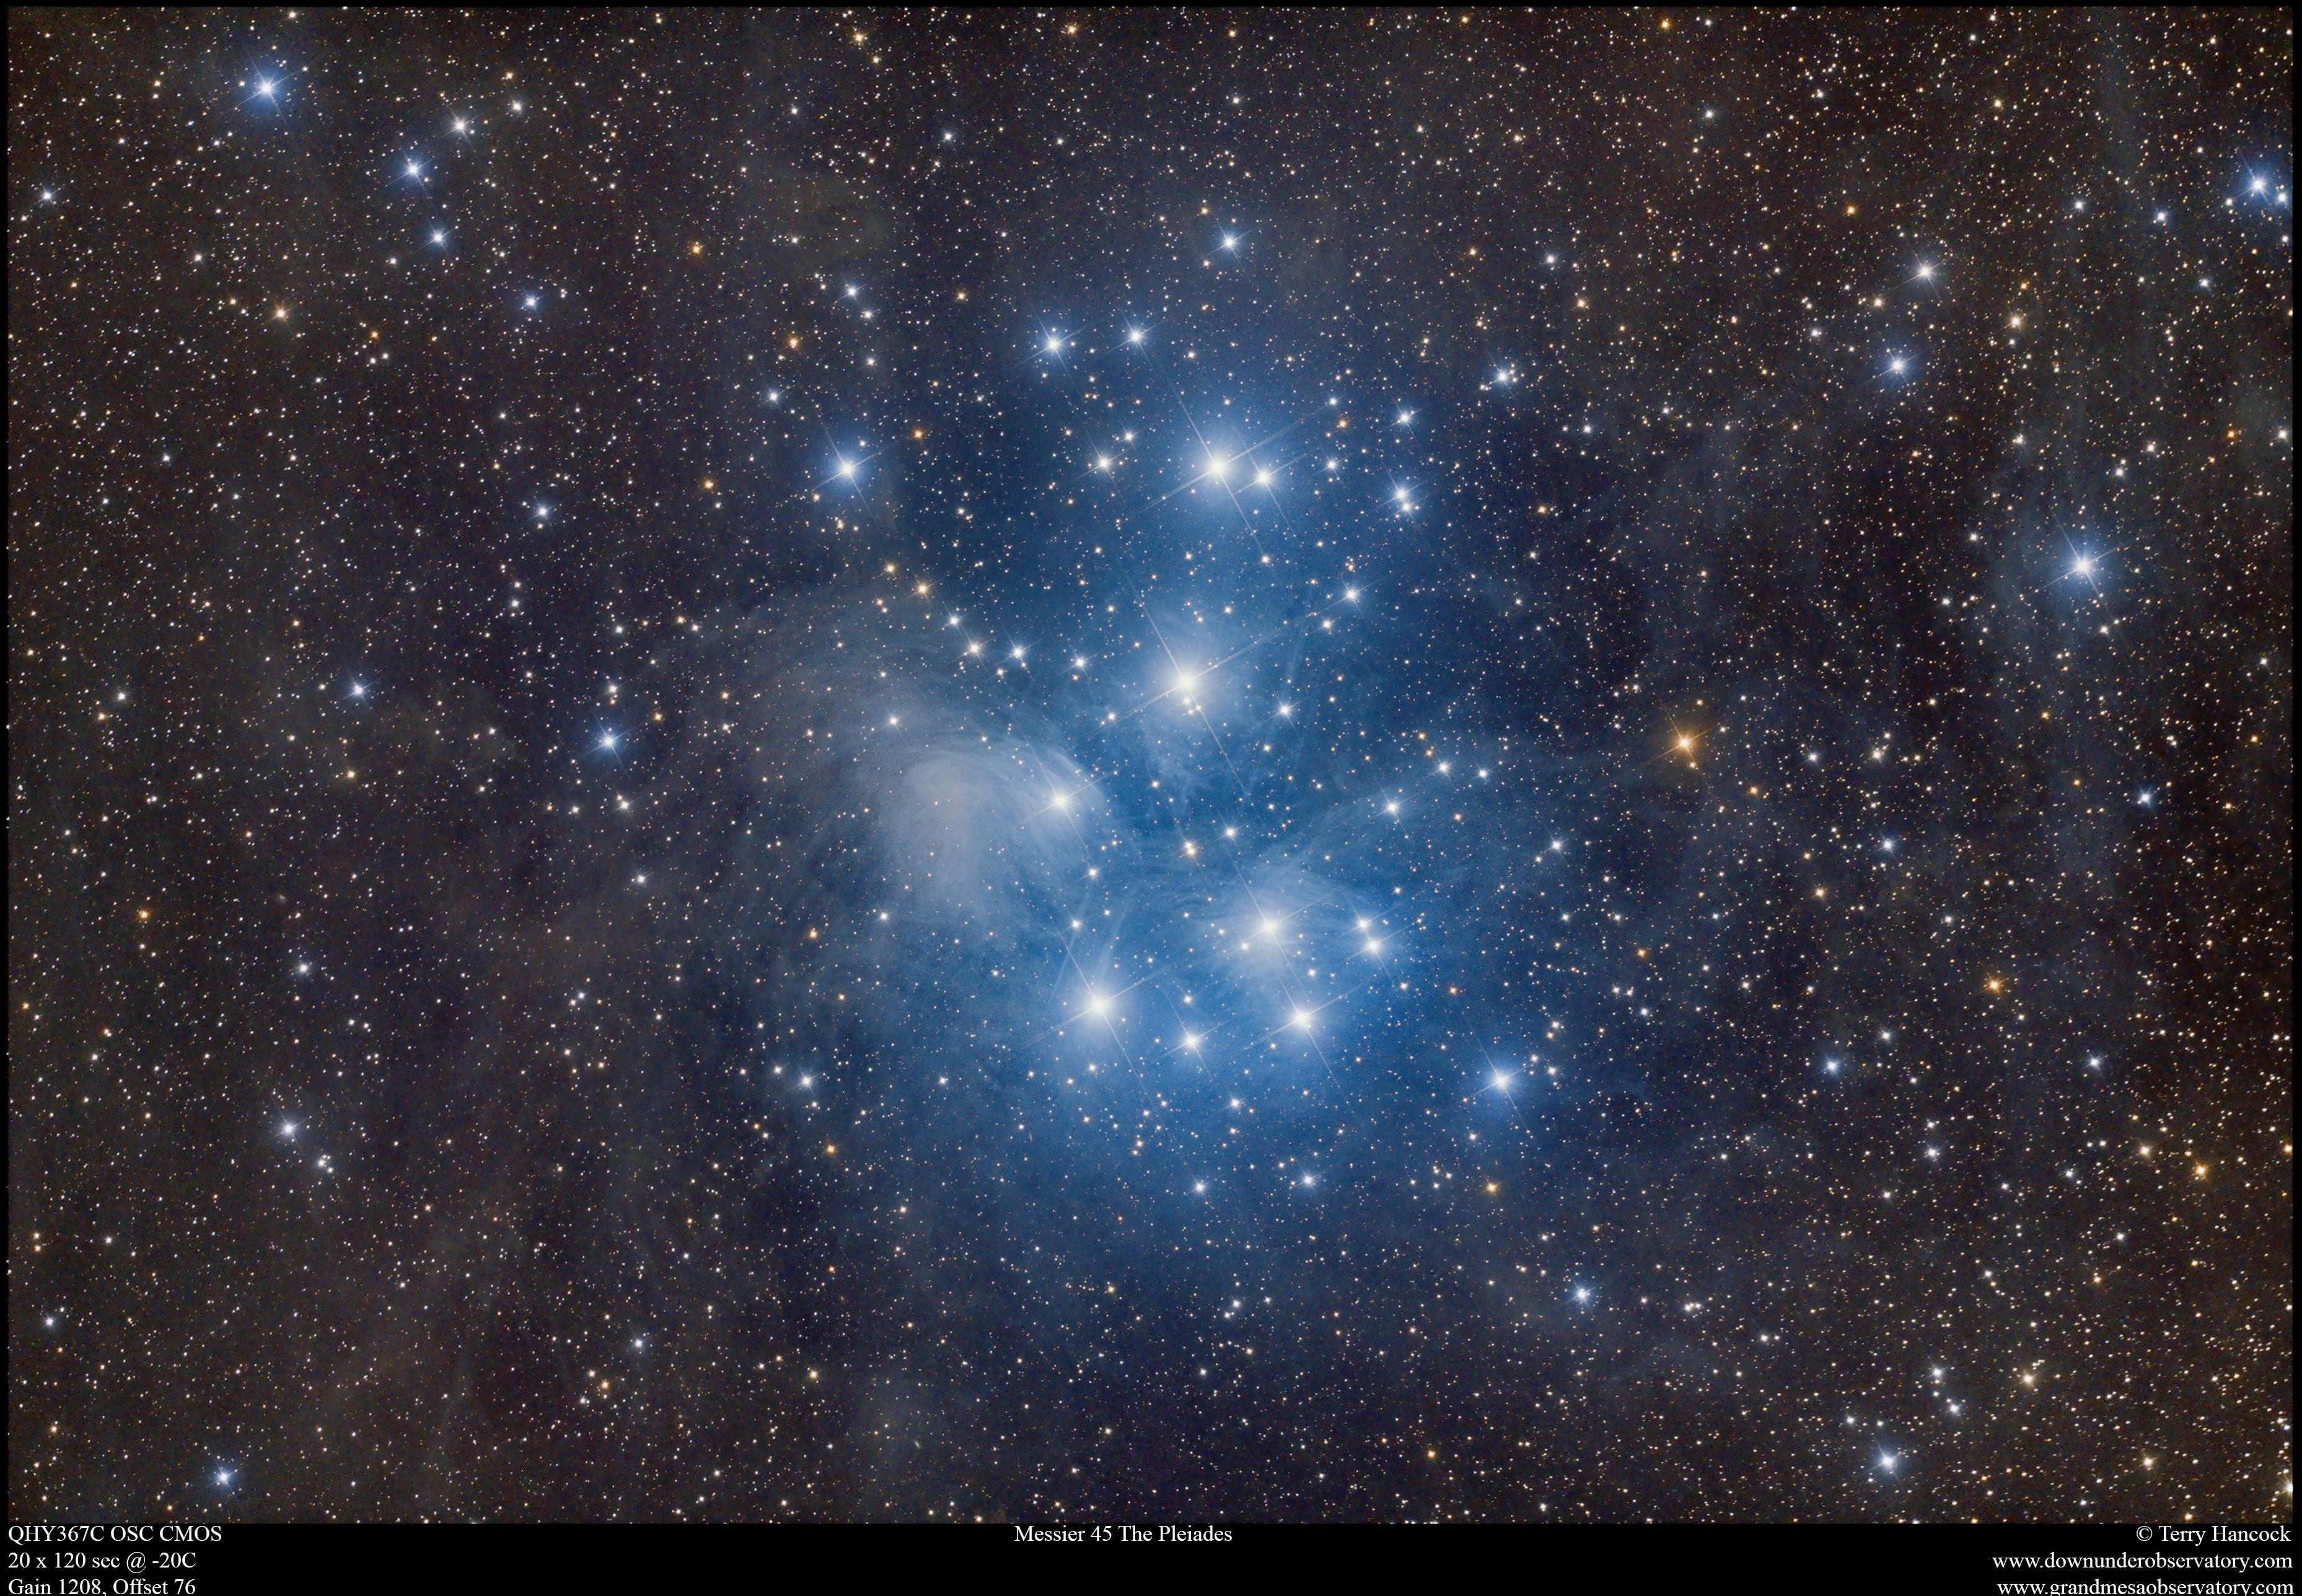 Ilustração Gratis Espaço Todos Os Universo Cosmos: Papel De Parede : Qhy367c, Céu, Espaço, Universo, Cosmos